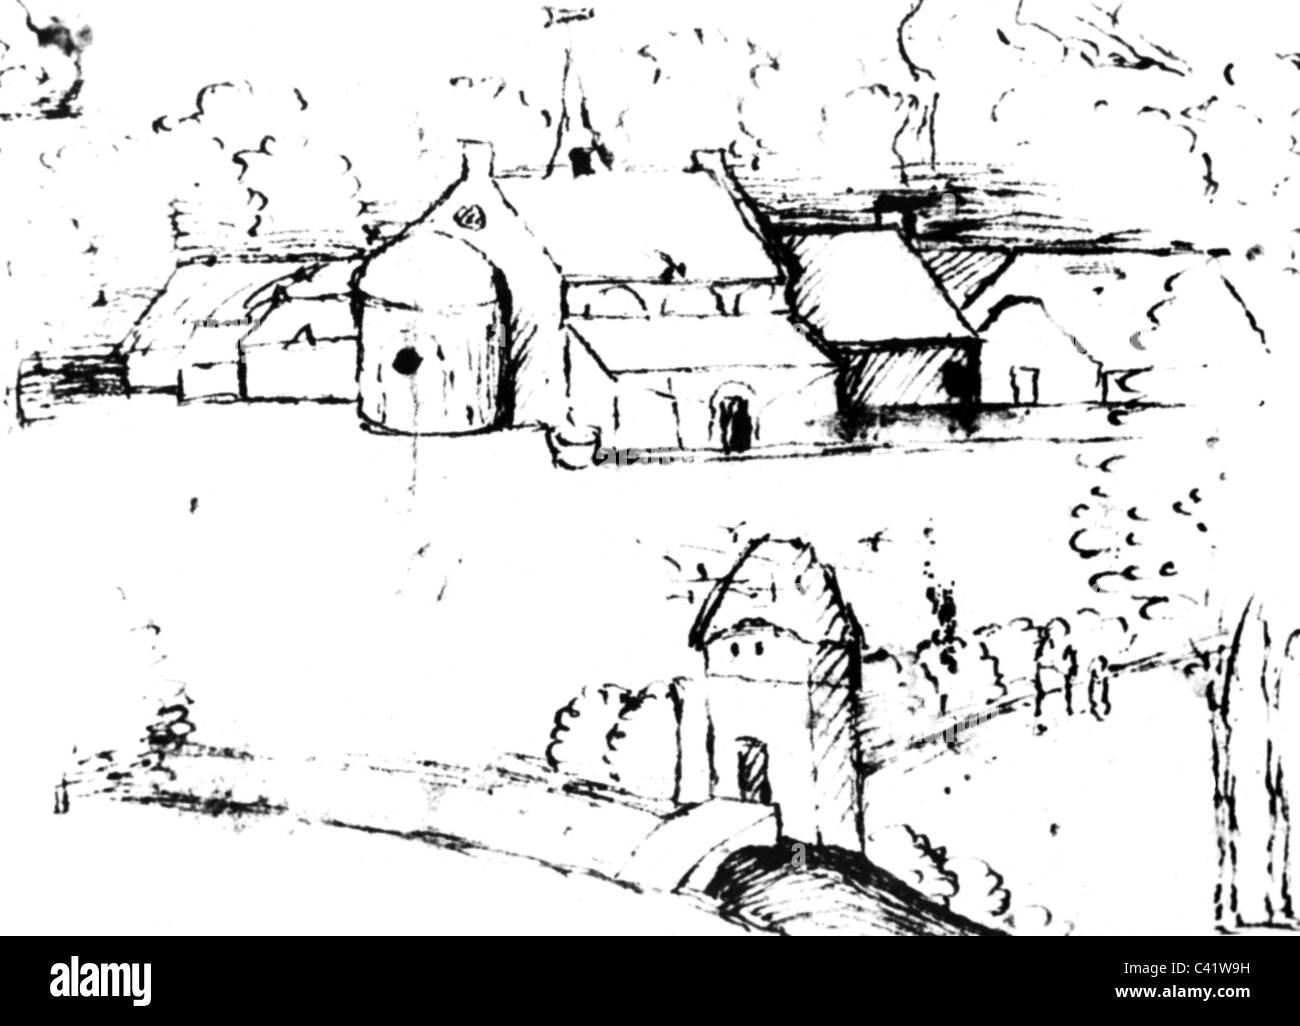 La médecine, les hôpitaux, l'hôpital des Frères de Saint Antoine, Stylo dessin, peinture, Photo Stock